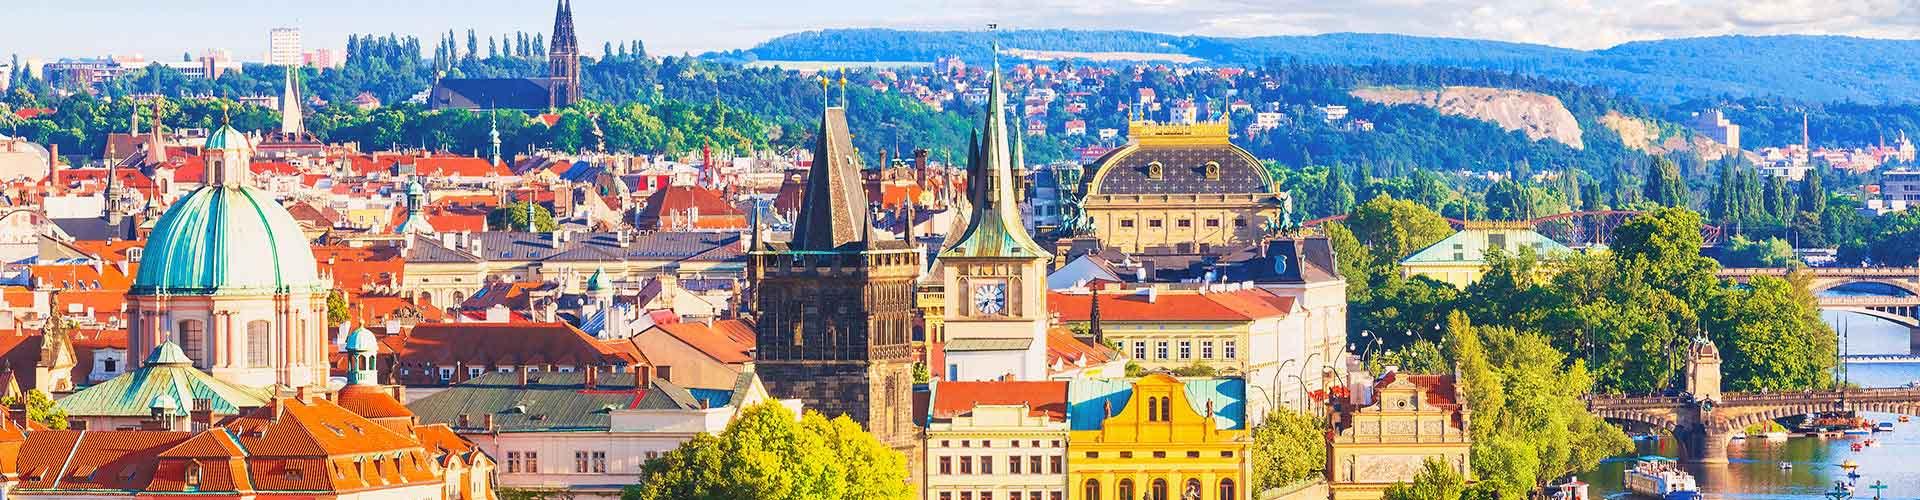 Praga – Campeggi nella zona Bubenec. Mappe per Praga, Foto e  Recensioni per ogni Campeggio a Praga.